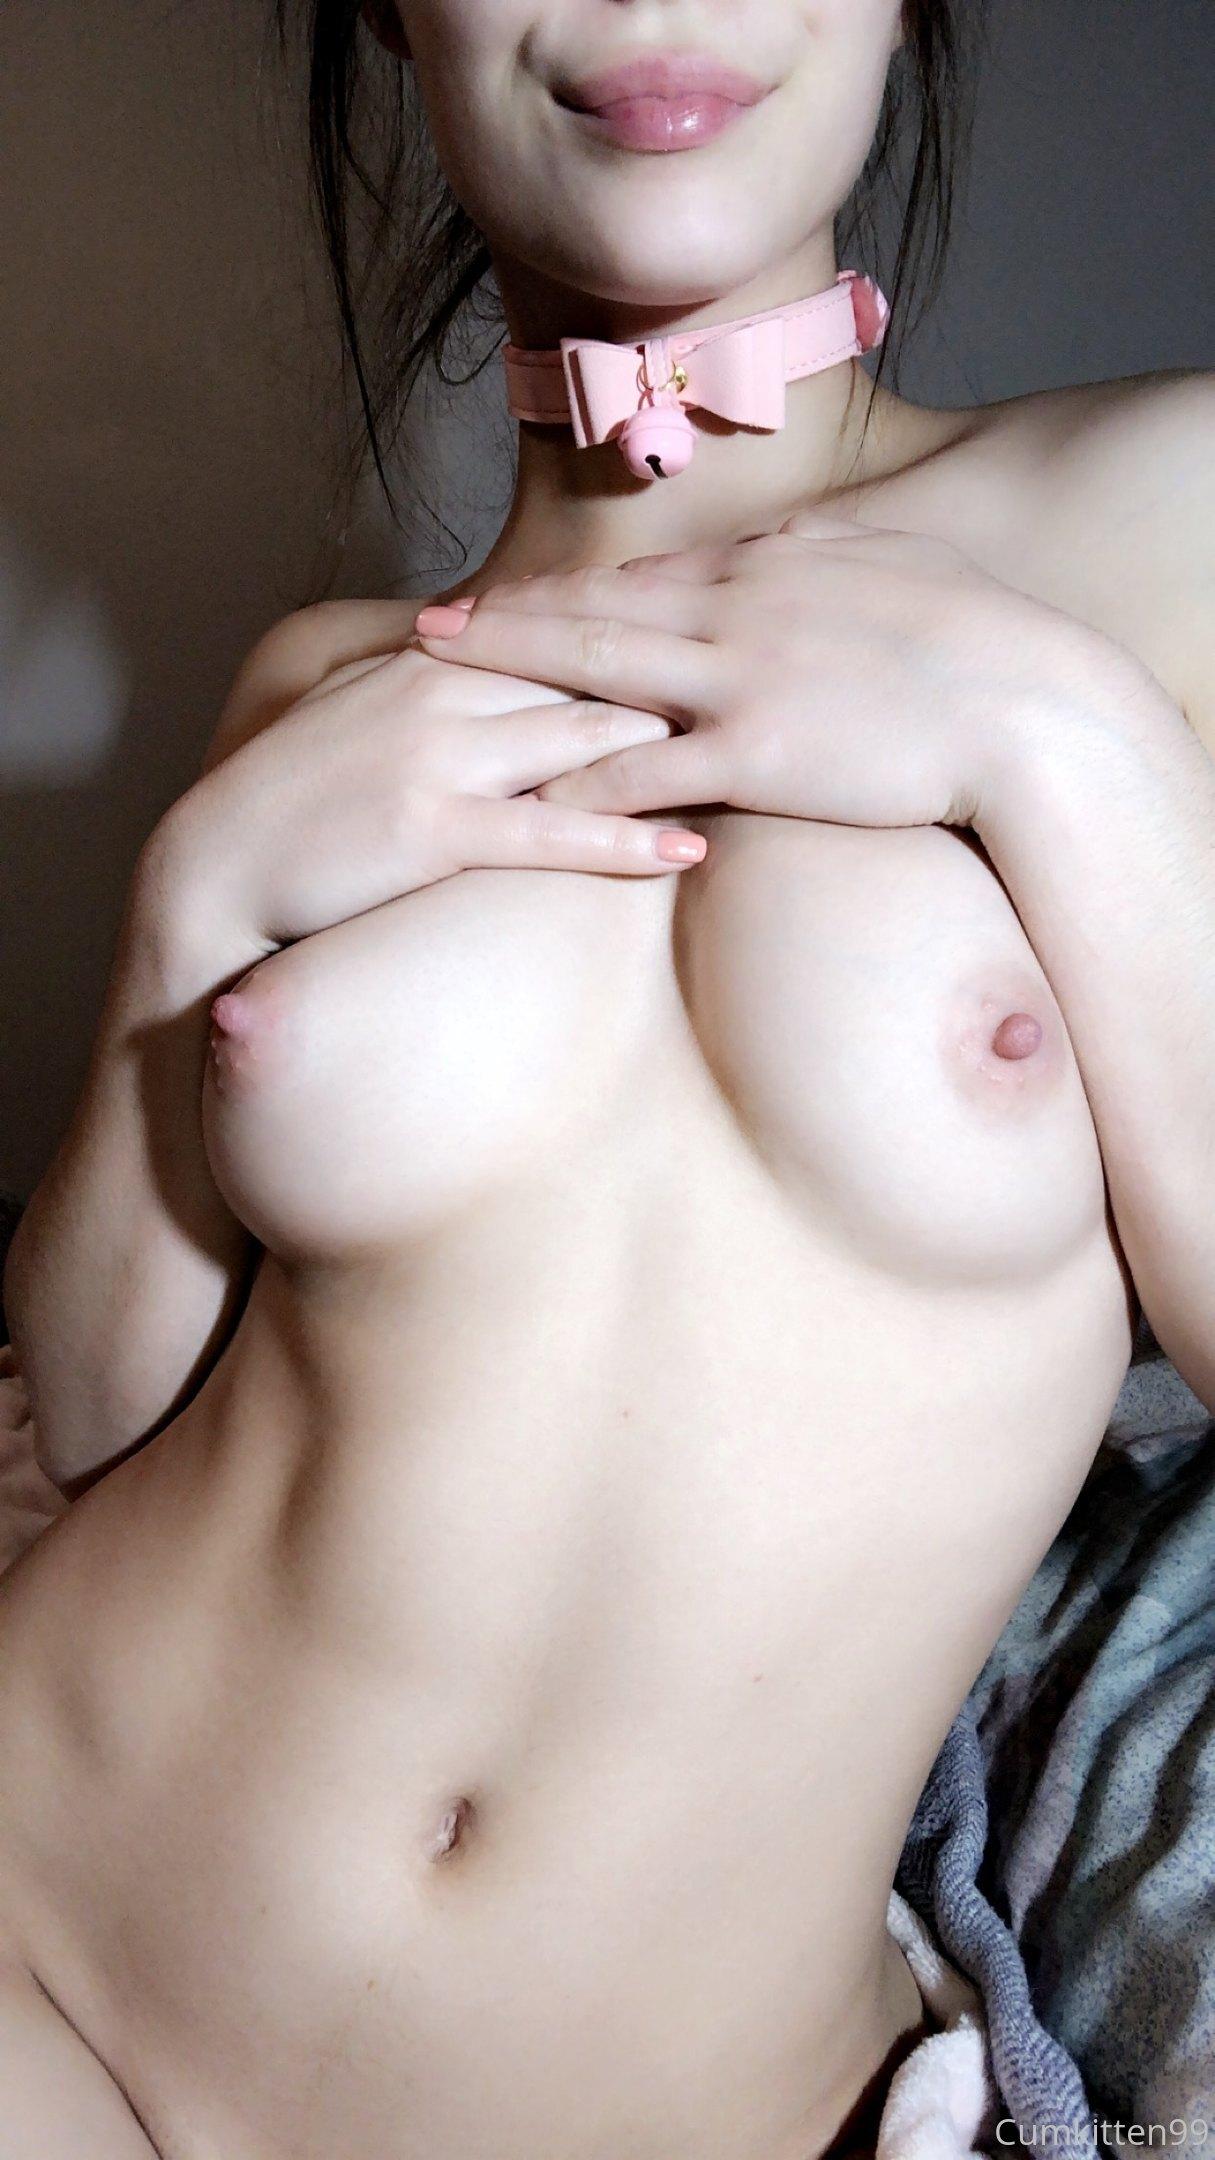 Cumkitten99, Onlyfans Nudes Leaks 32